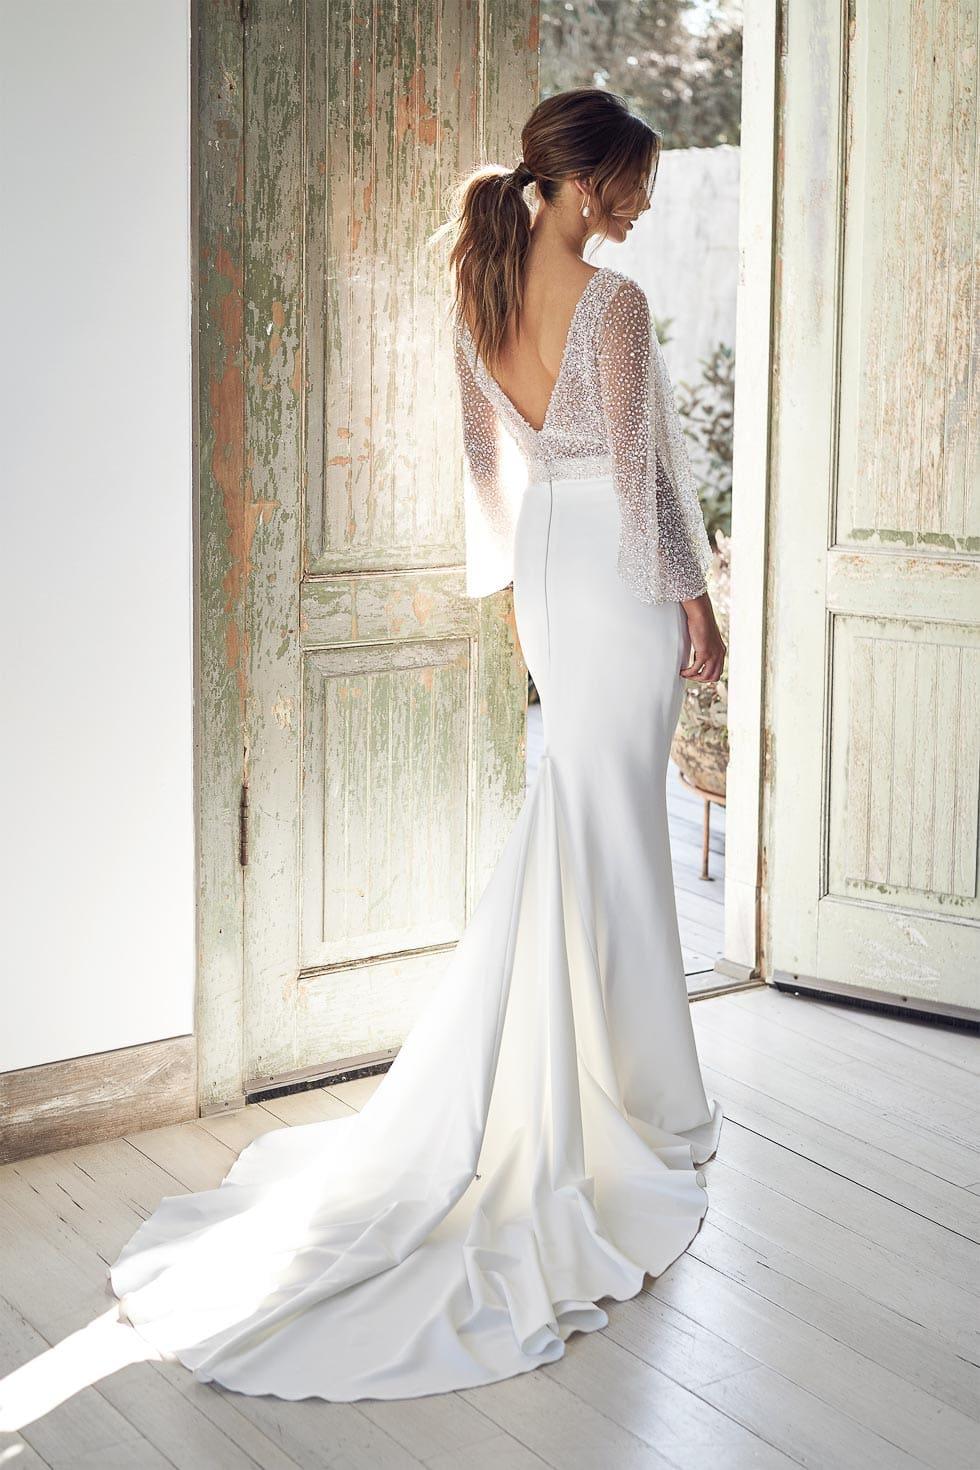 Brautkleid Weiß von Bridget Anna Campbell